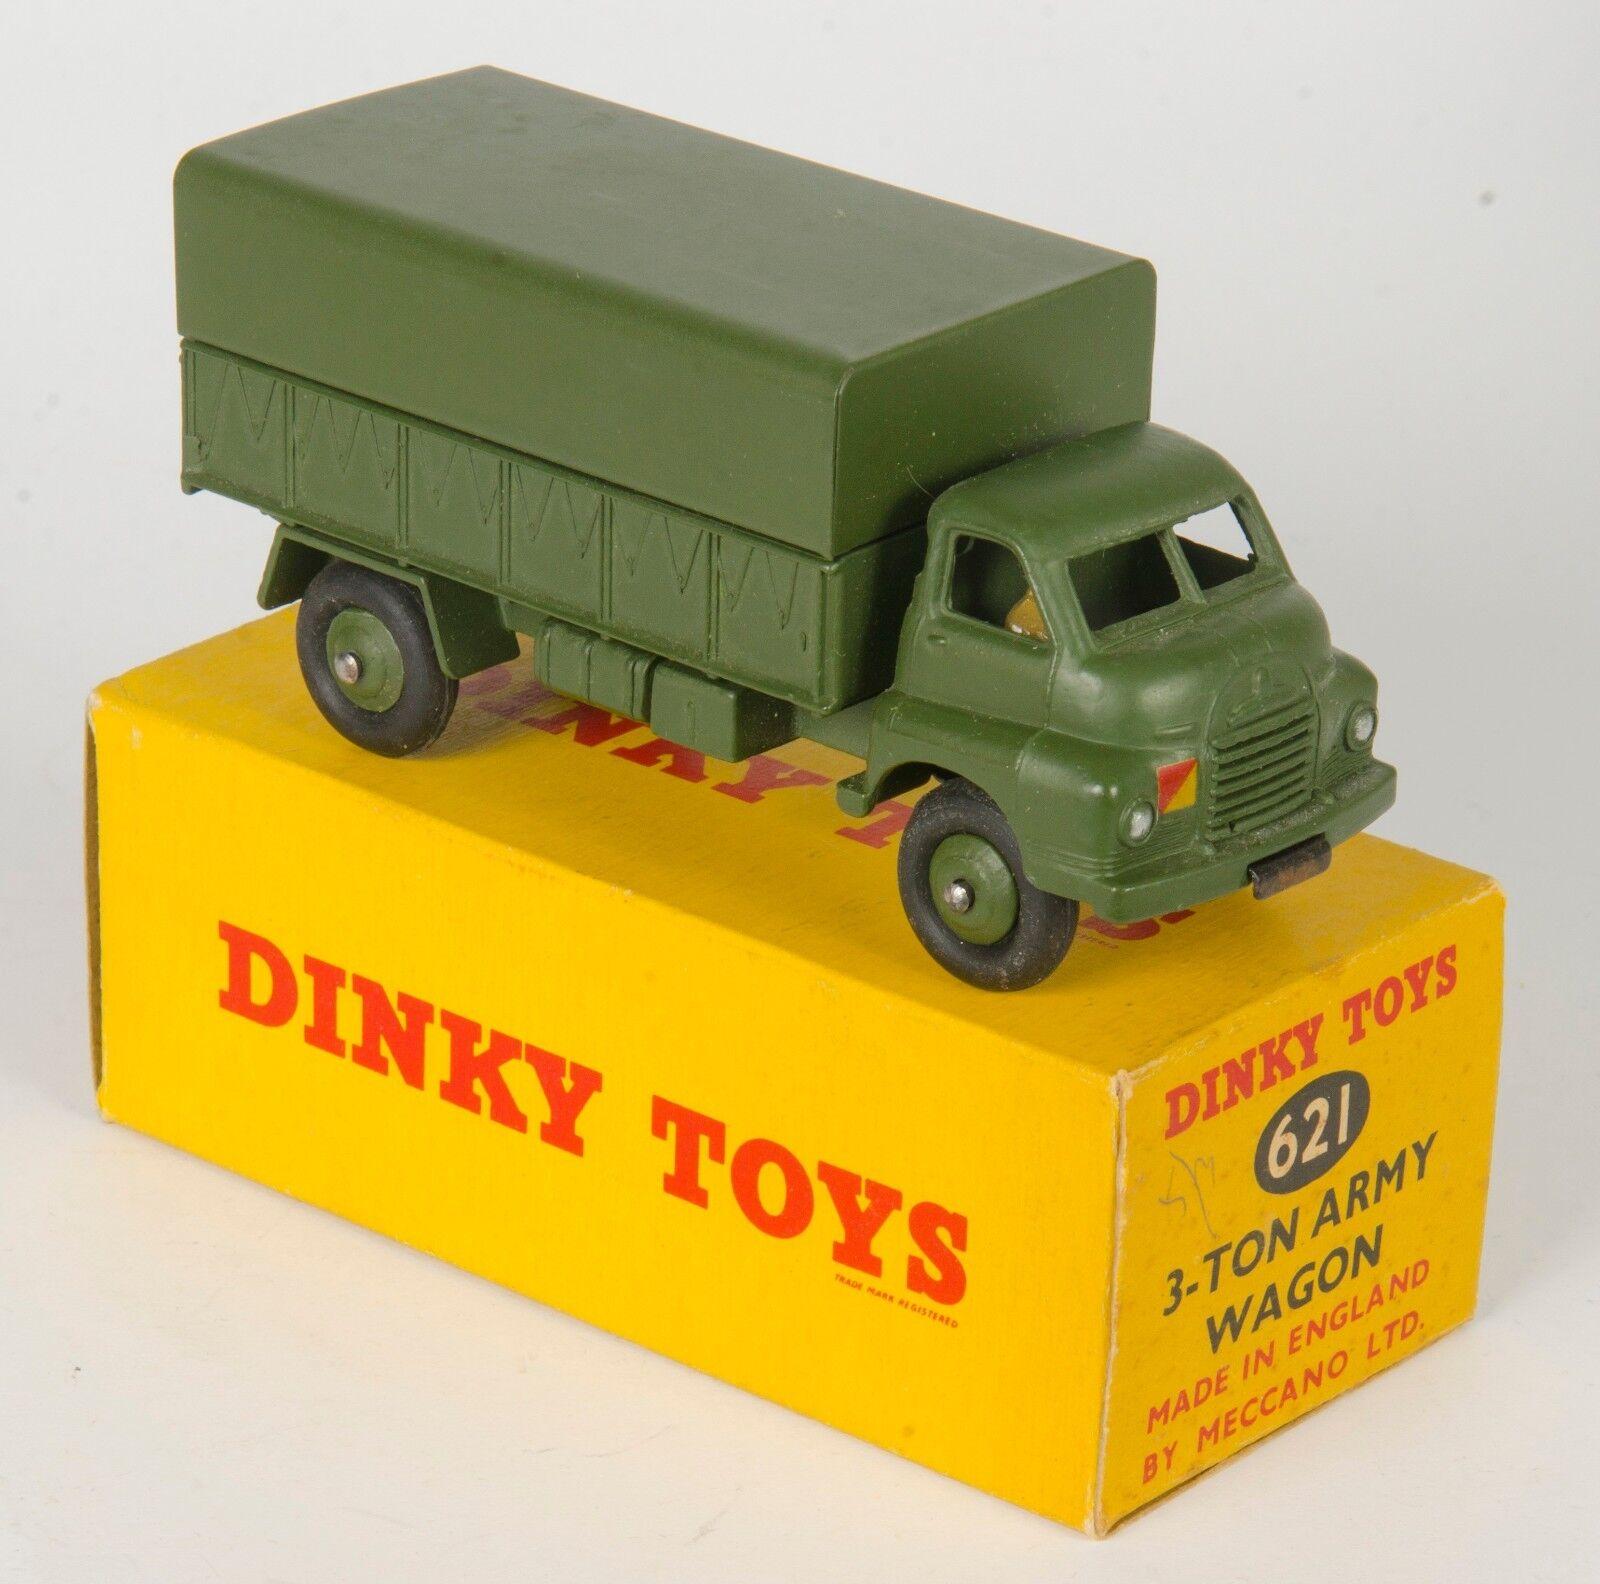 Dinky 621 3-Ton Bedford Ejército Vagón. muy casi nuevo y sin usar en caja de imágenes no. década De 1950